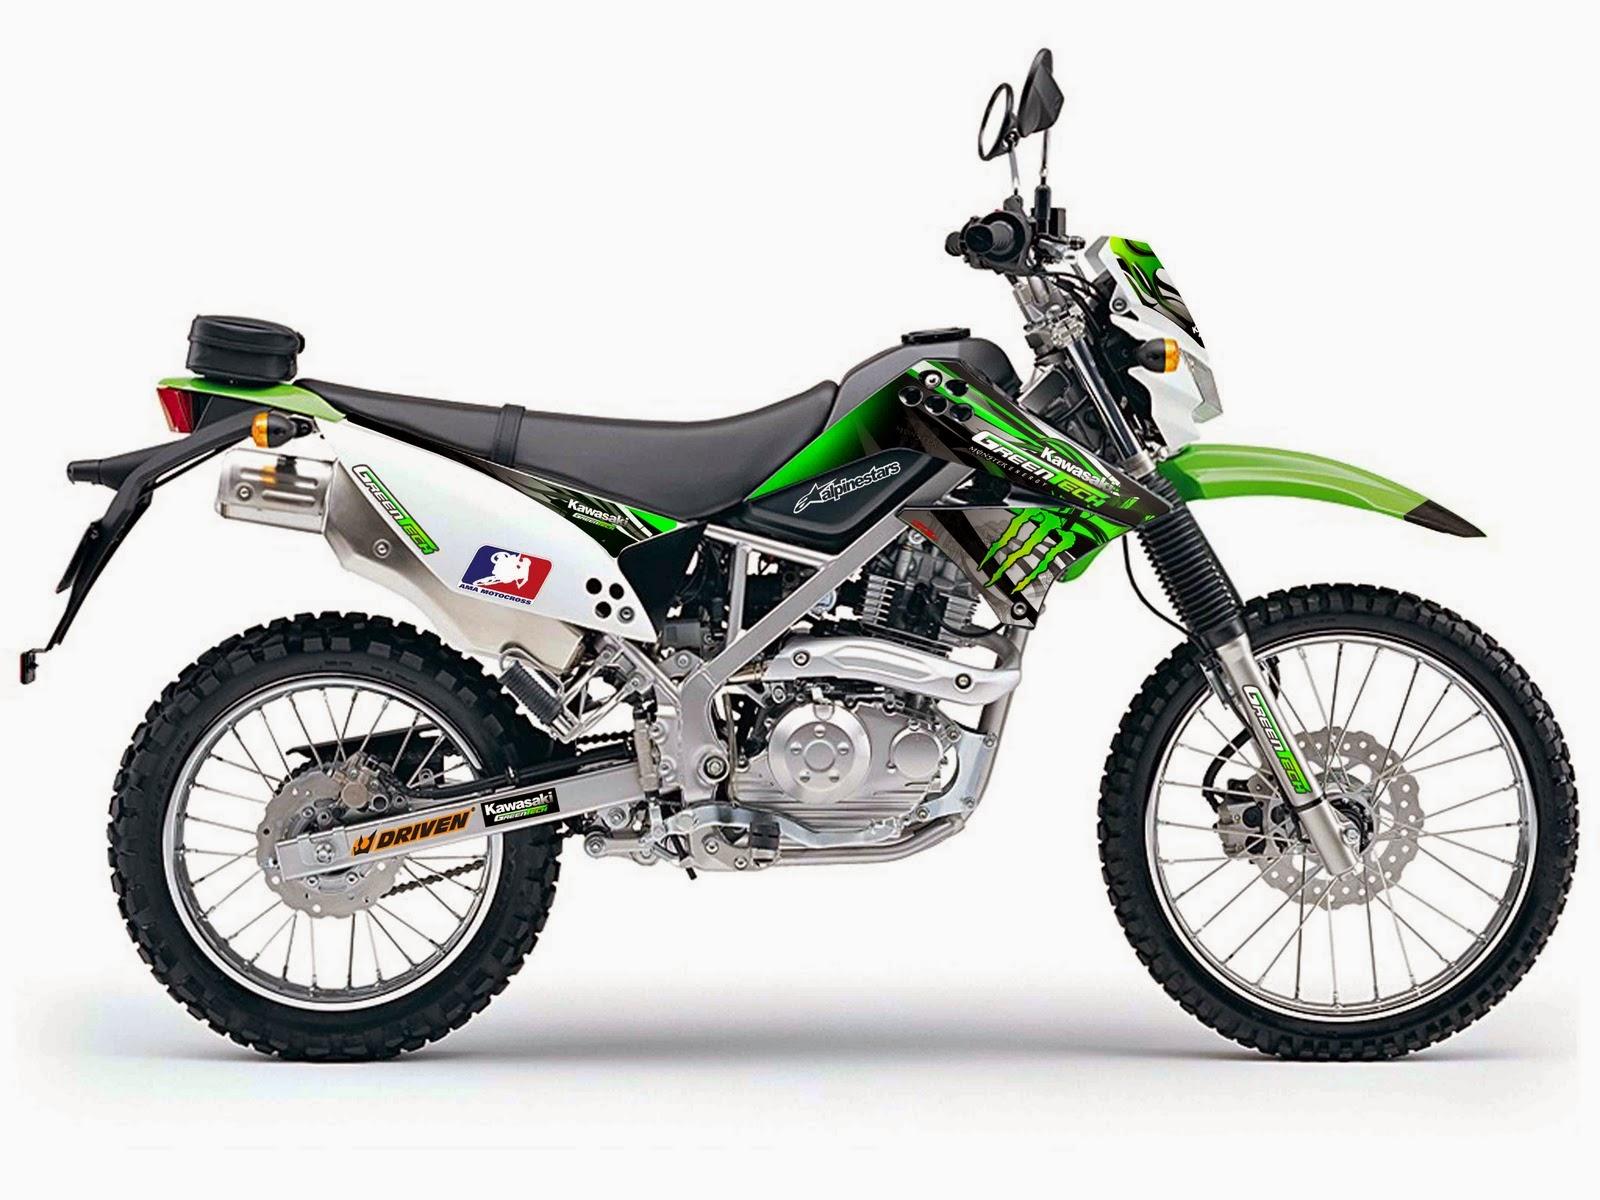 Harga dan Spesifikasi Motor Kawasaki KLX 150S Terbaru Maret 2014